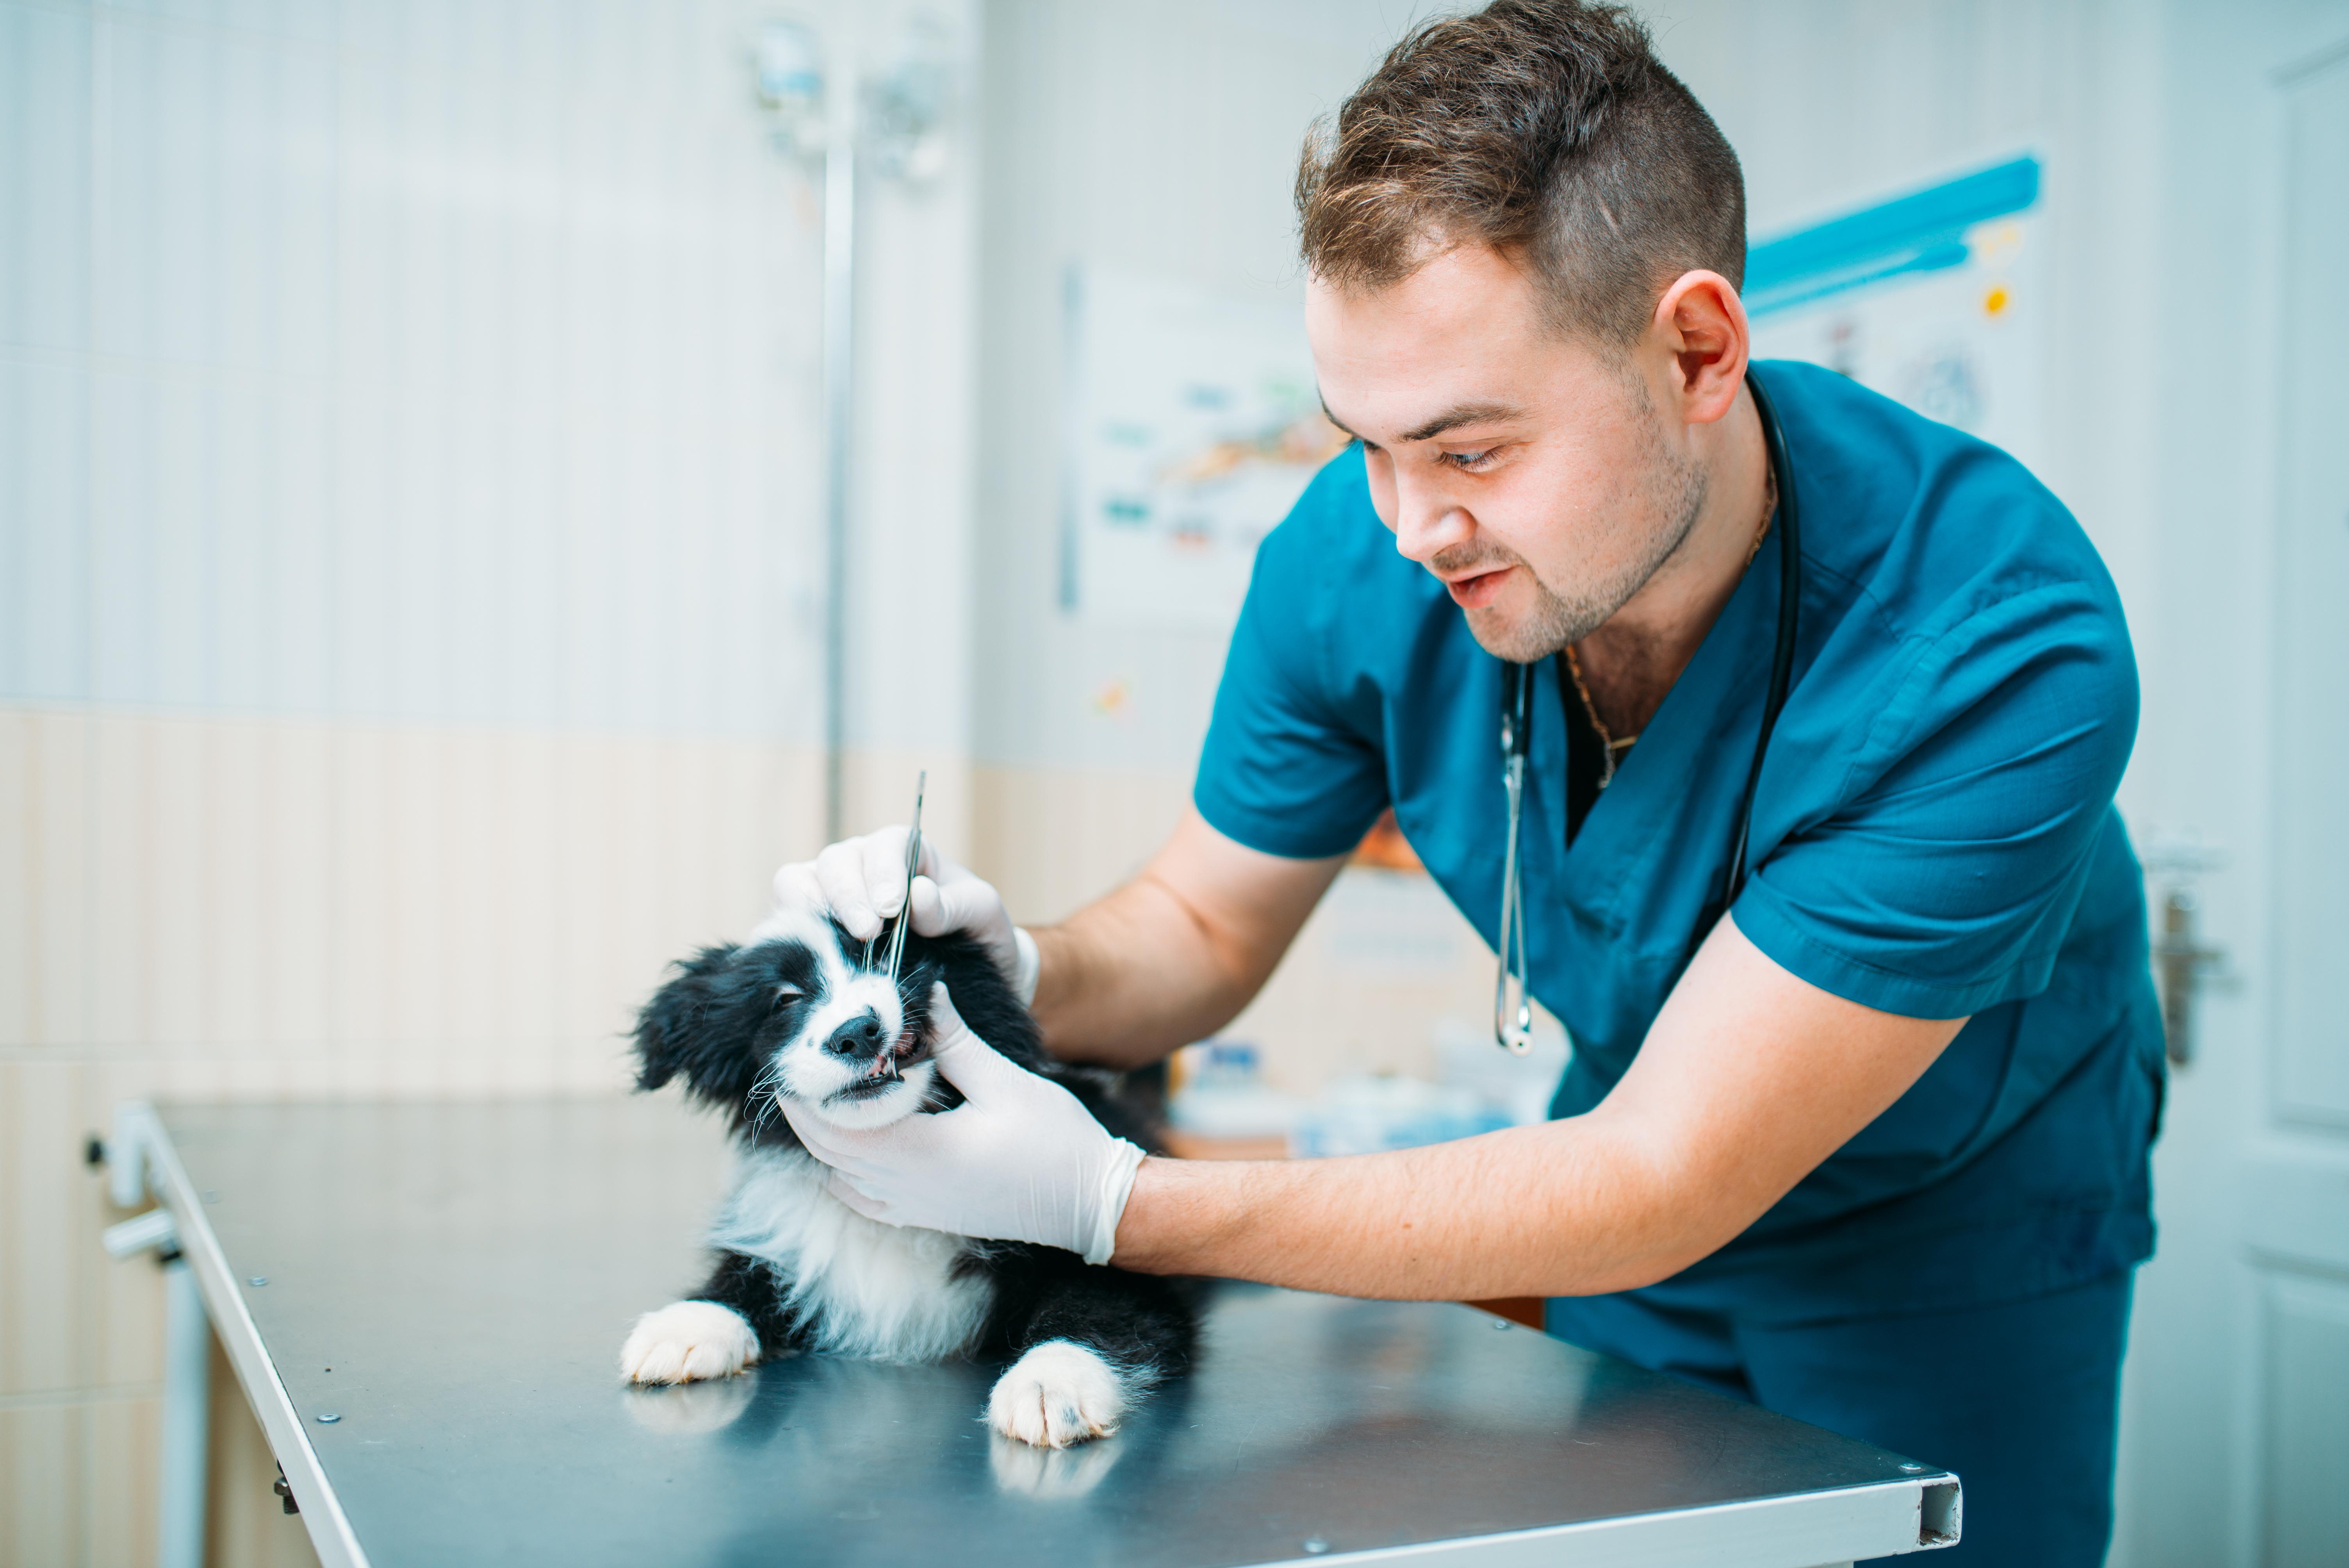 Den nya djurskyddslagen ställer krav på att den som arbetar med djur ska ha tillräcklig kompetens för att tillgodose djurets behov.